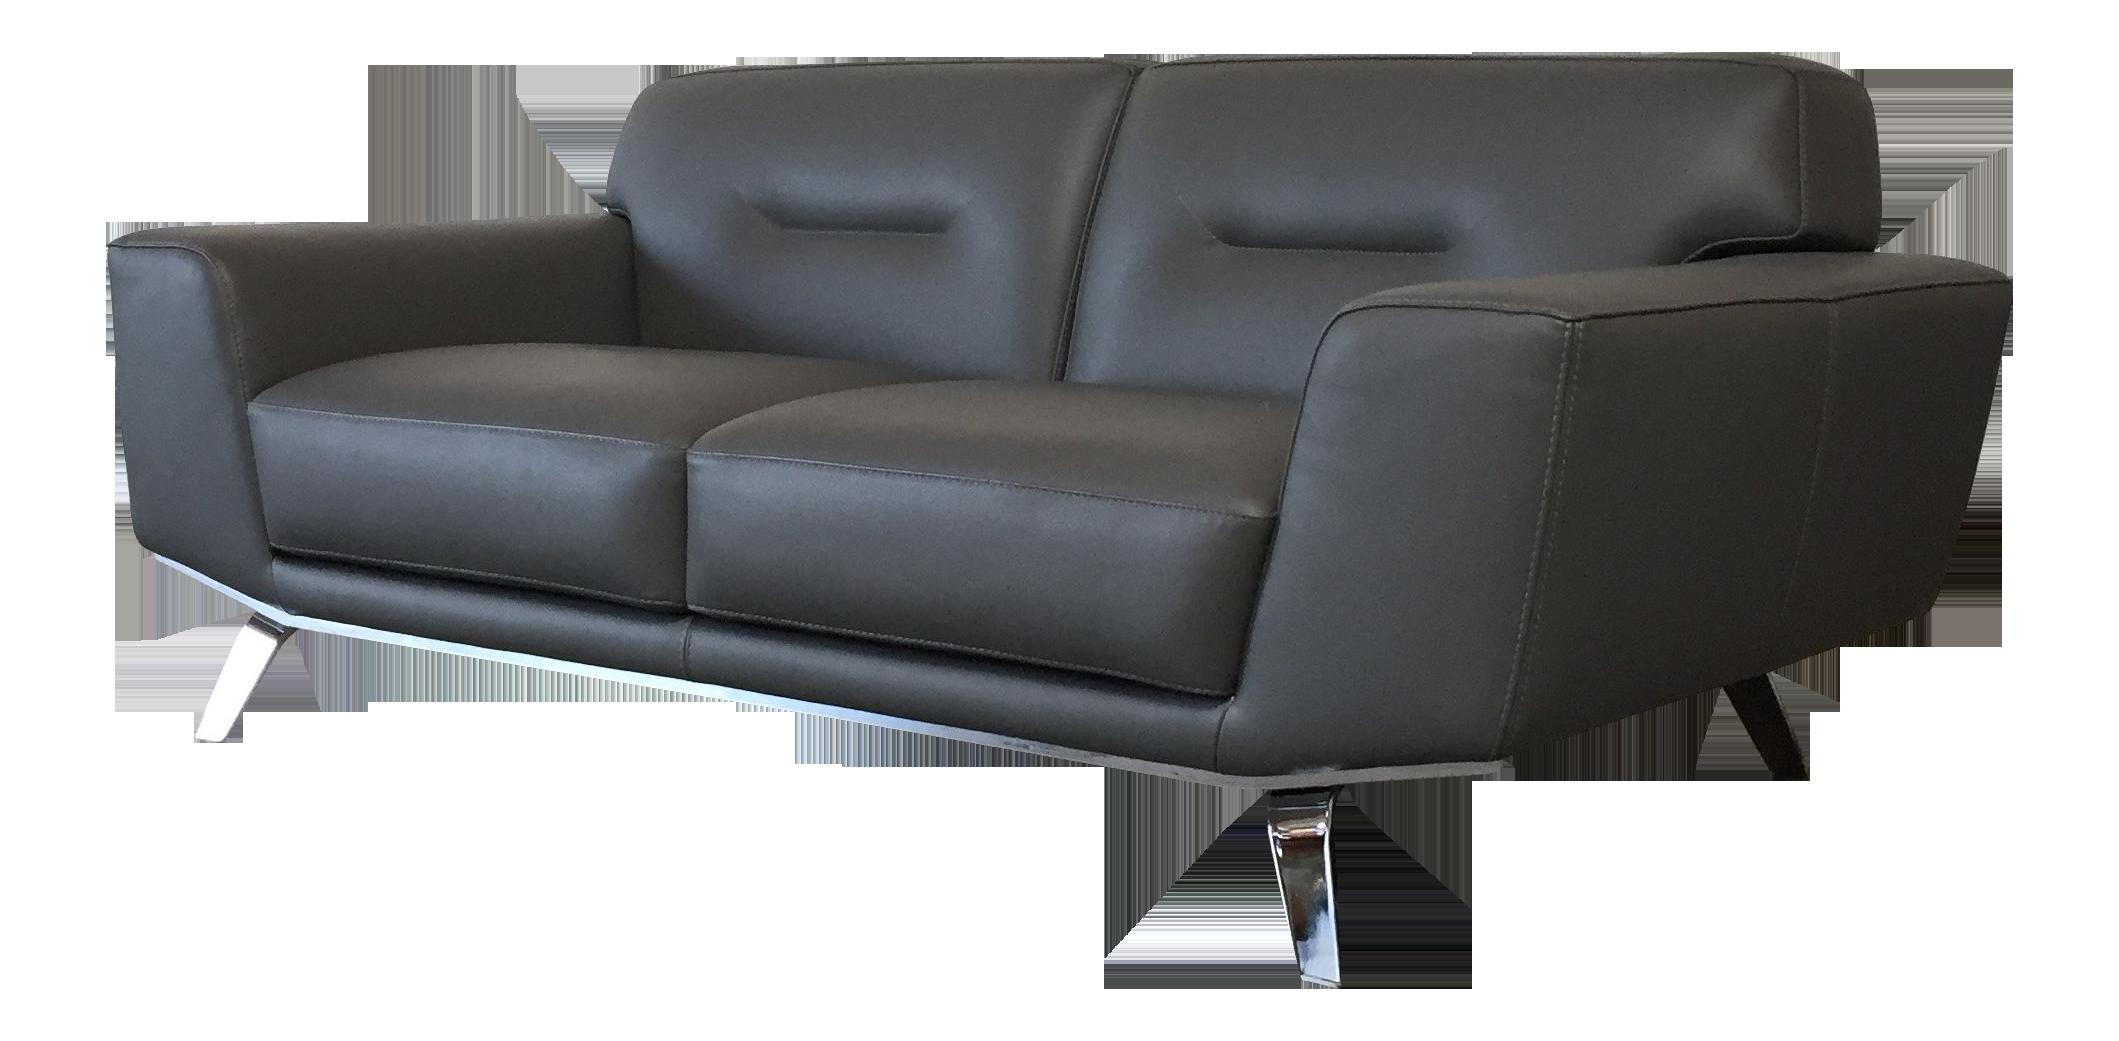 Small Roche Bobois Perle Sofa